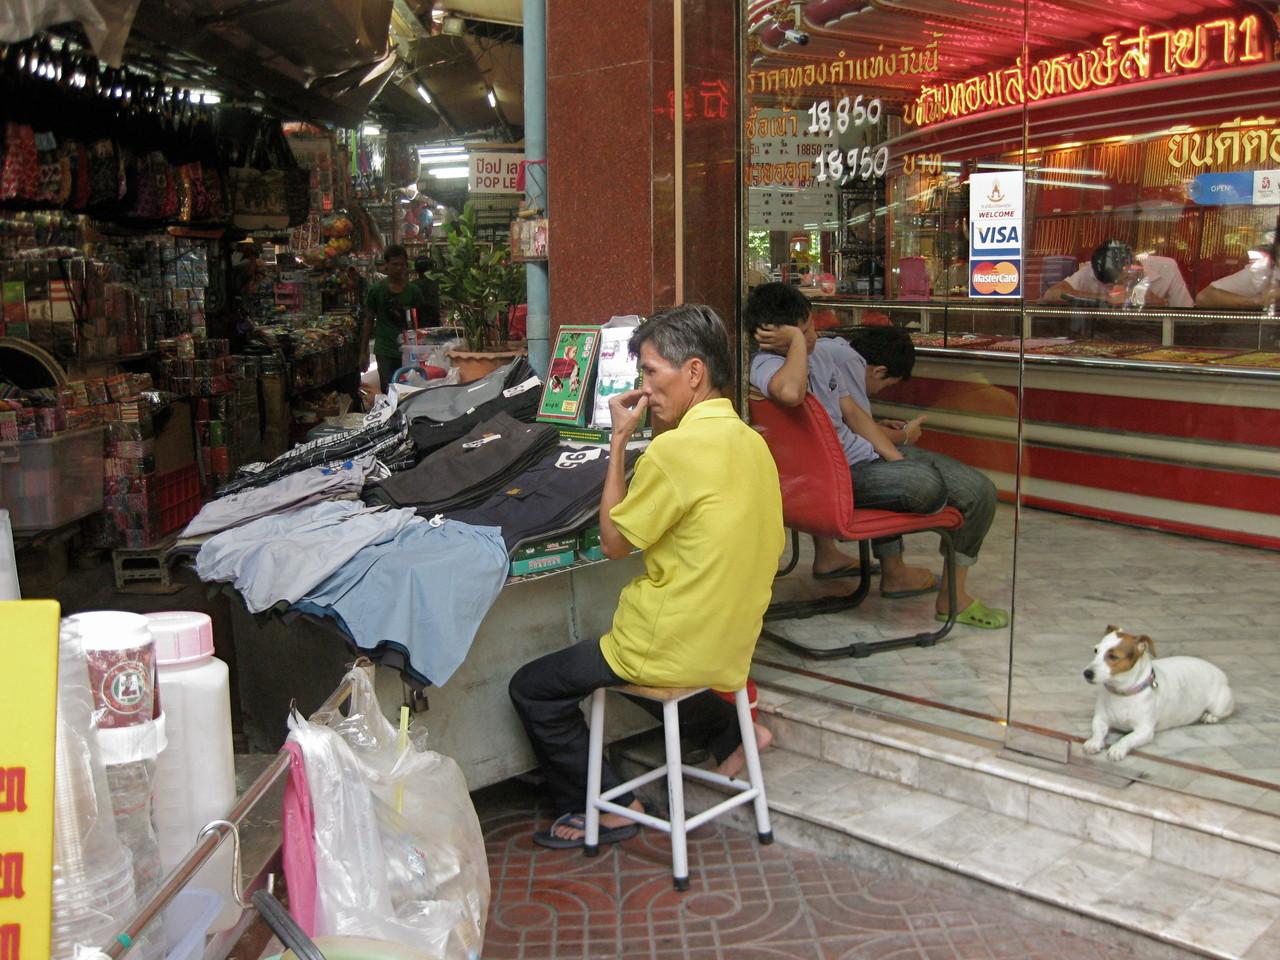 ヤワラート通りには銀行、宝石屋も多い。宝くじの露店は5メートルおきぐらいにあった。